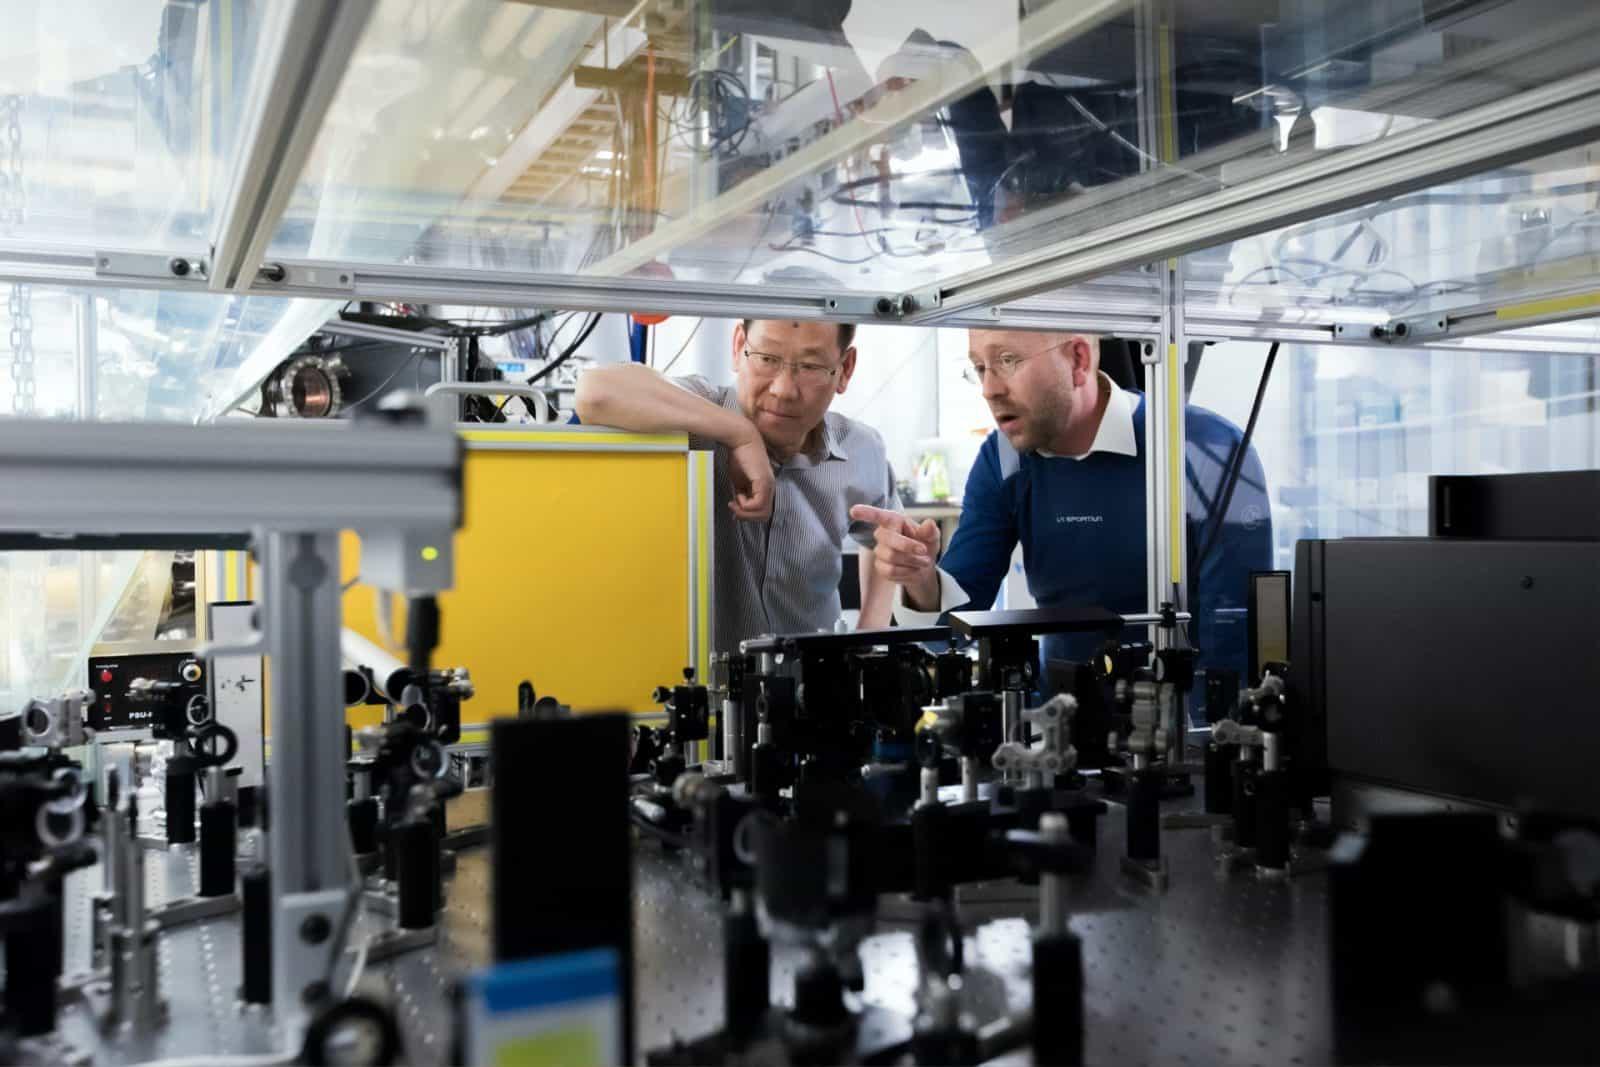 近年來中小型代工廠面臨市場萎縮外移的問題,小量客製化成為經營選項之一